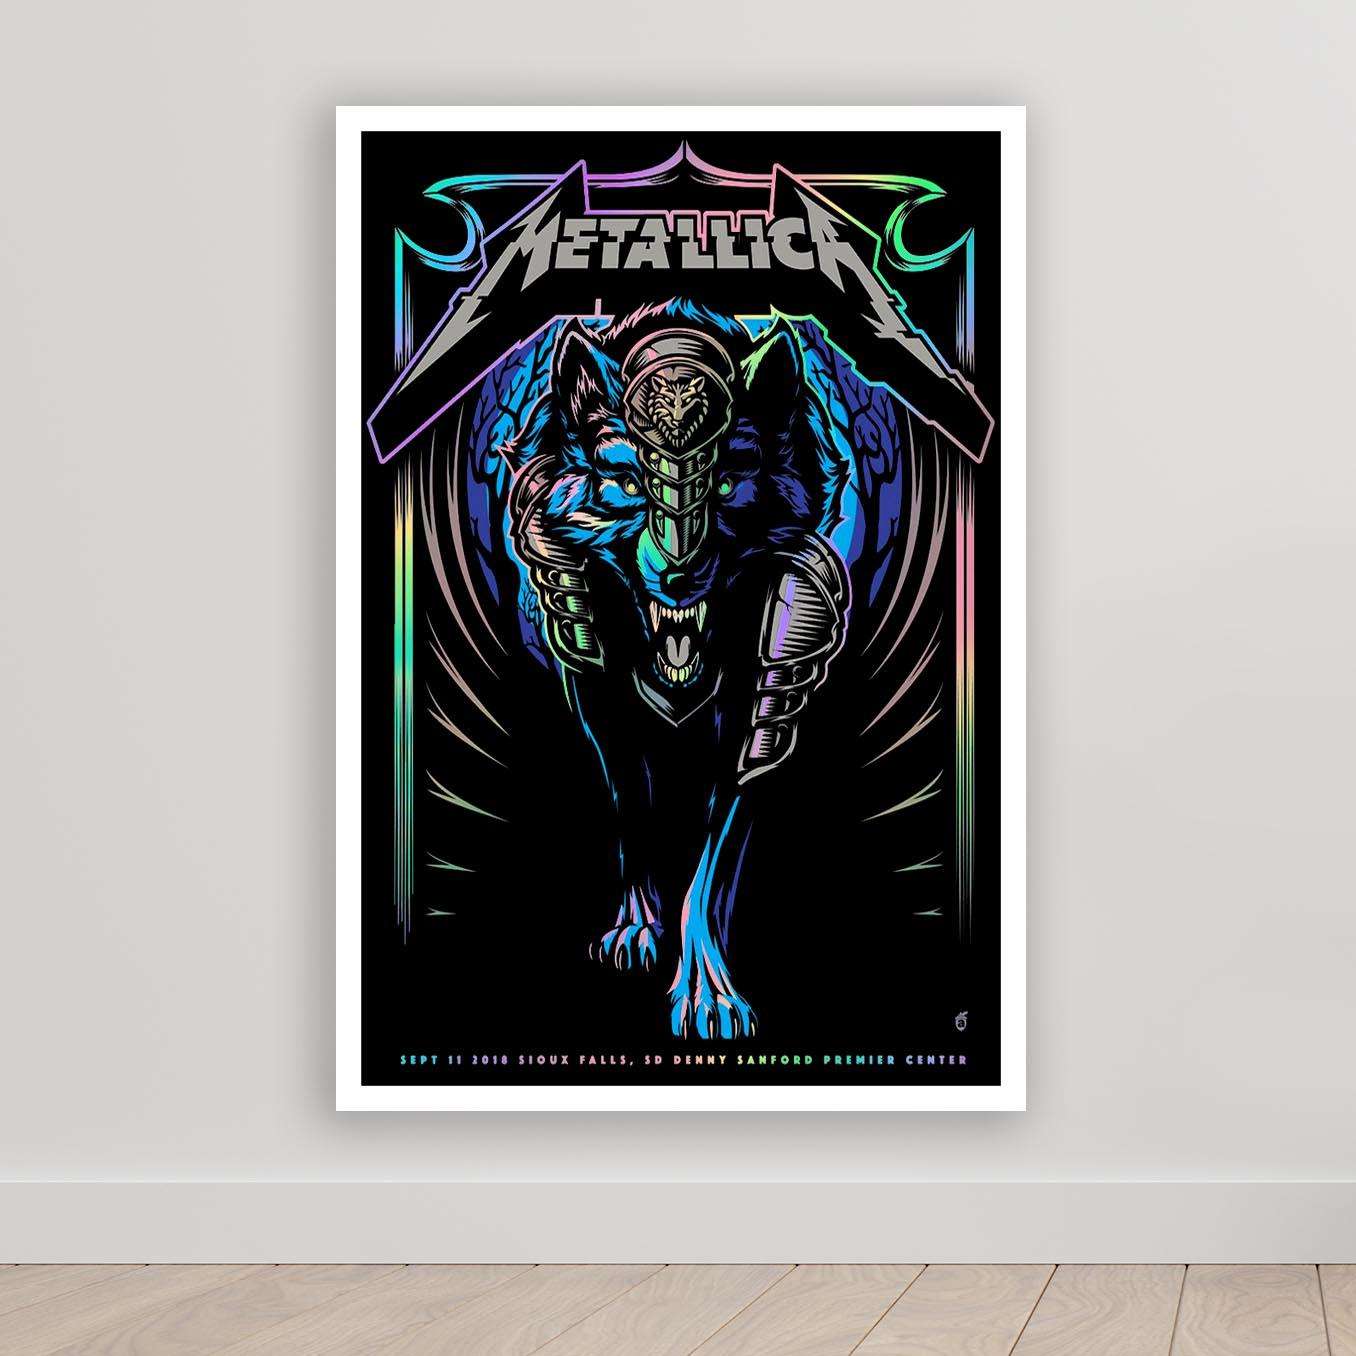 Quadro Decorativo Metallica